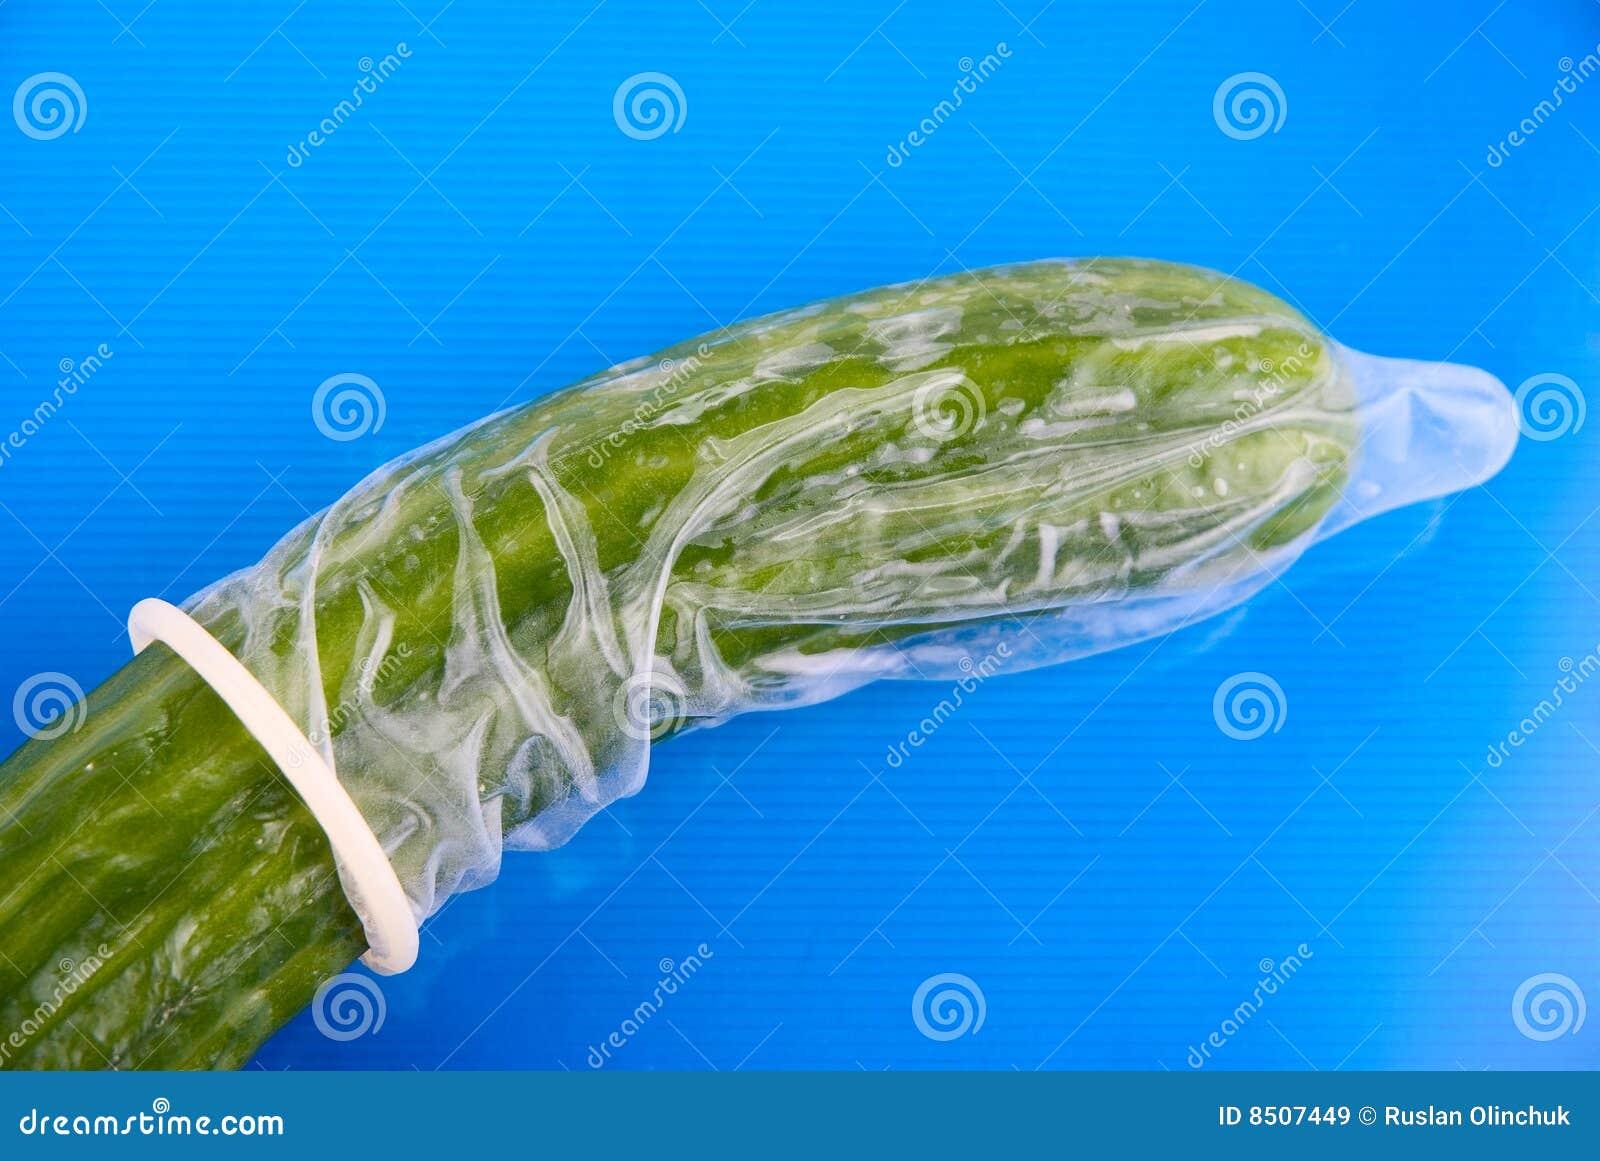 Презерватив на огурец 3 фотография